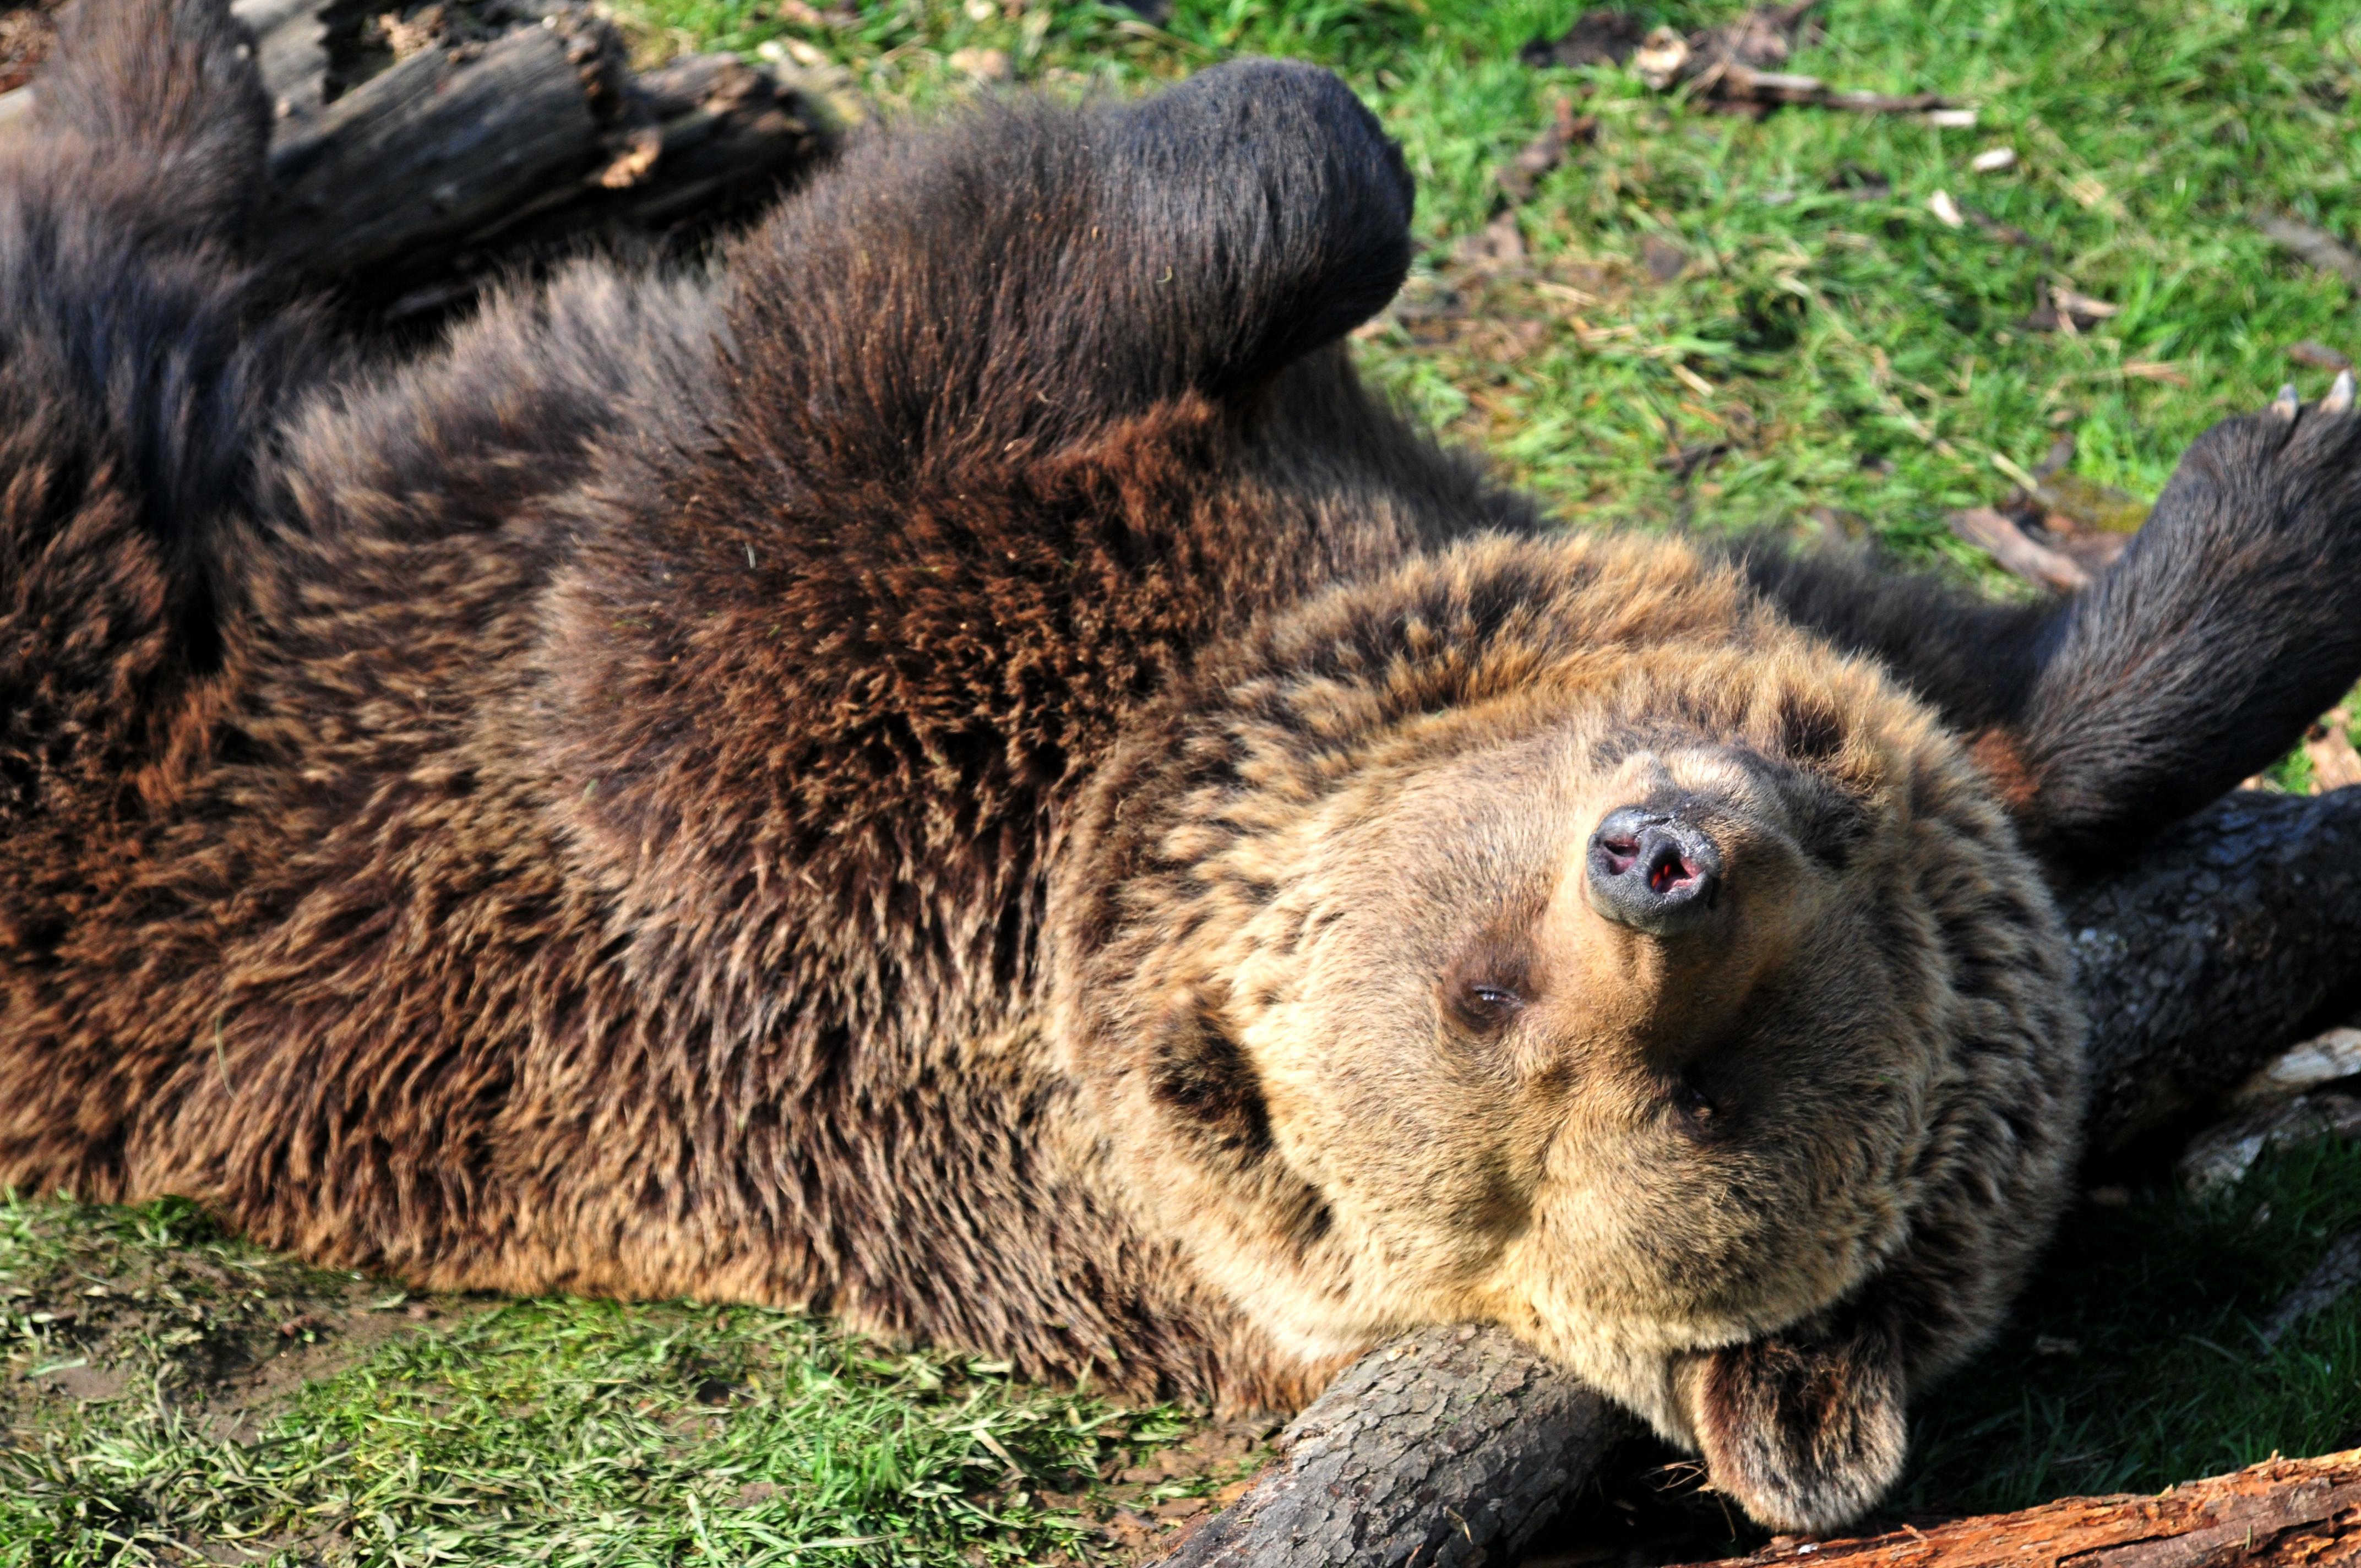 фото довольного медведя образом, подтвердились